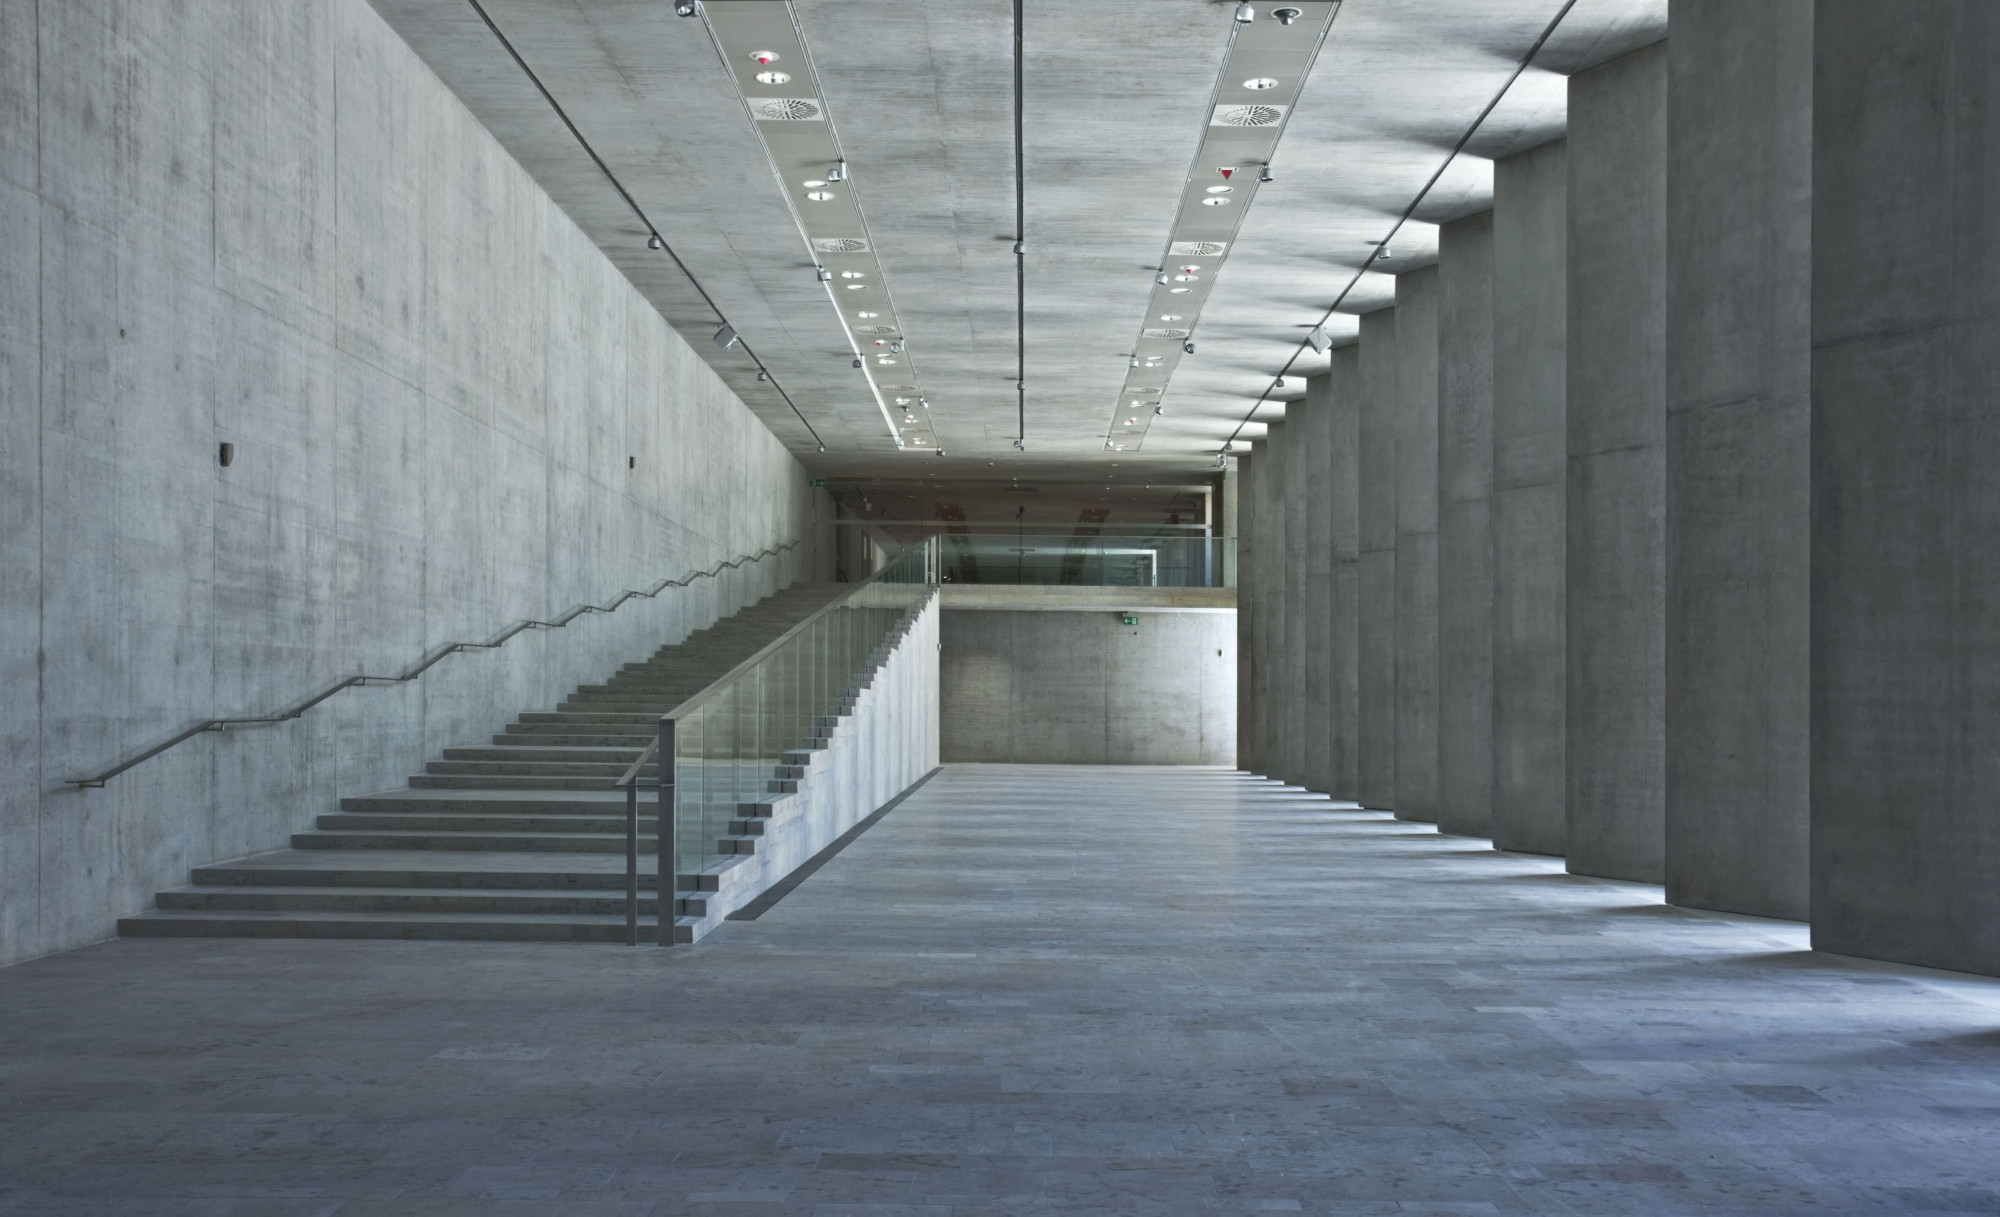 Gyptisches museum und filmhochschule in m nchen beton - Innen und auayen architektur ...